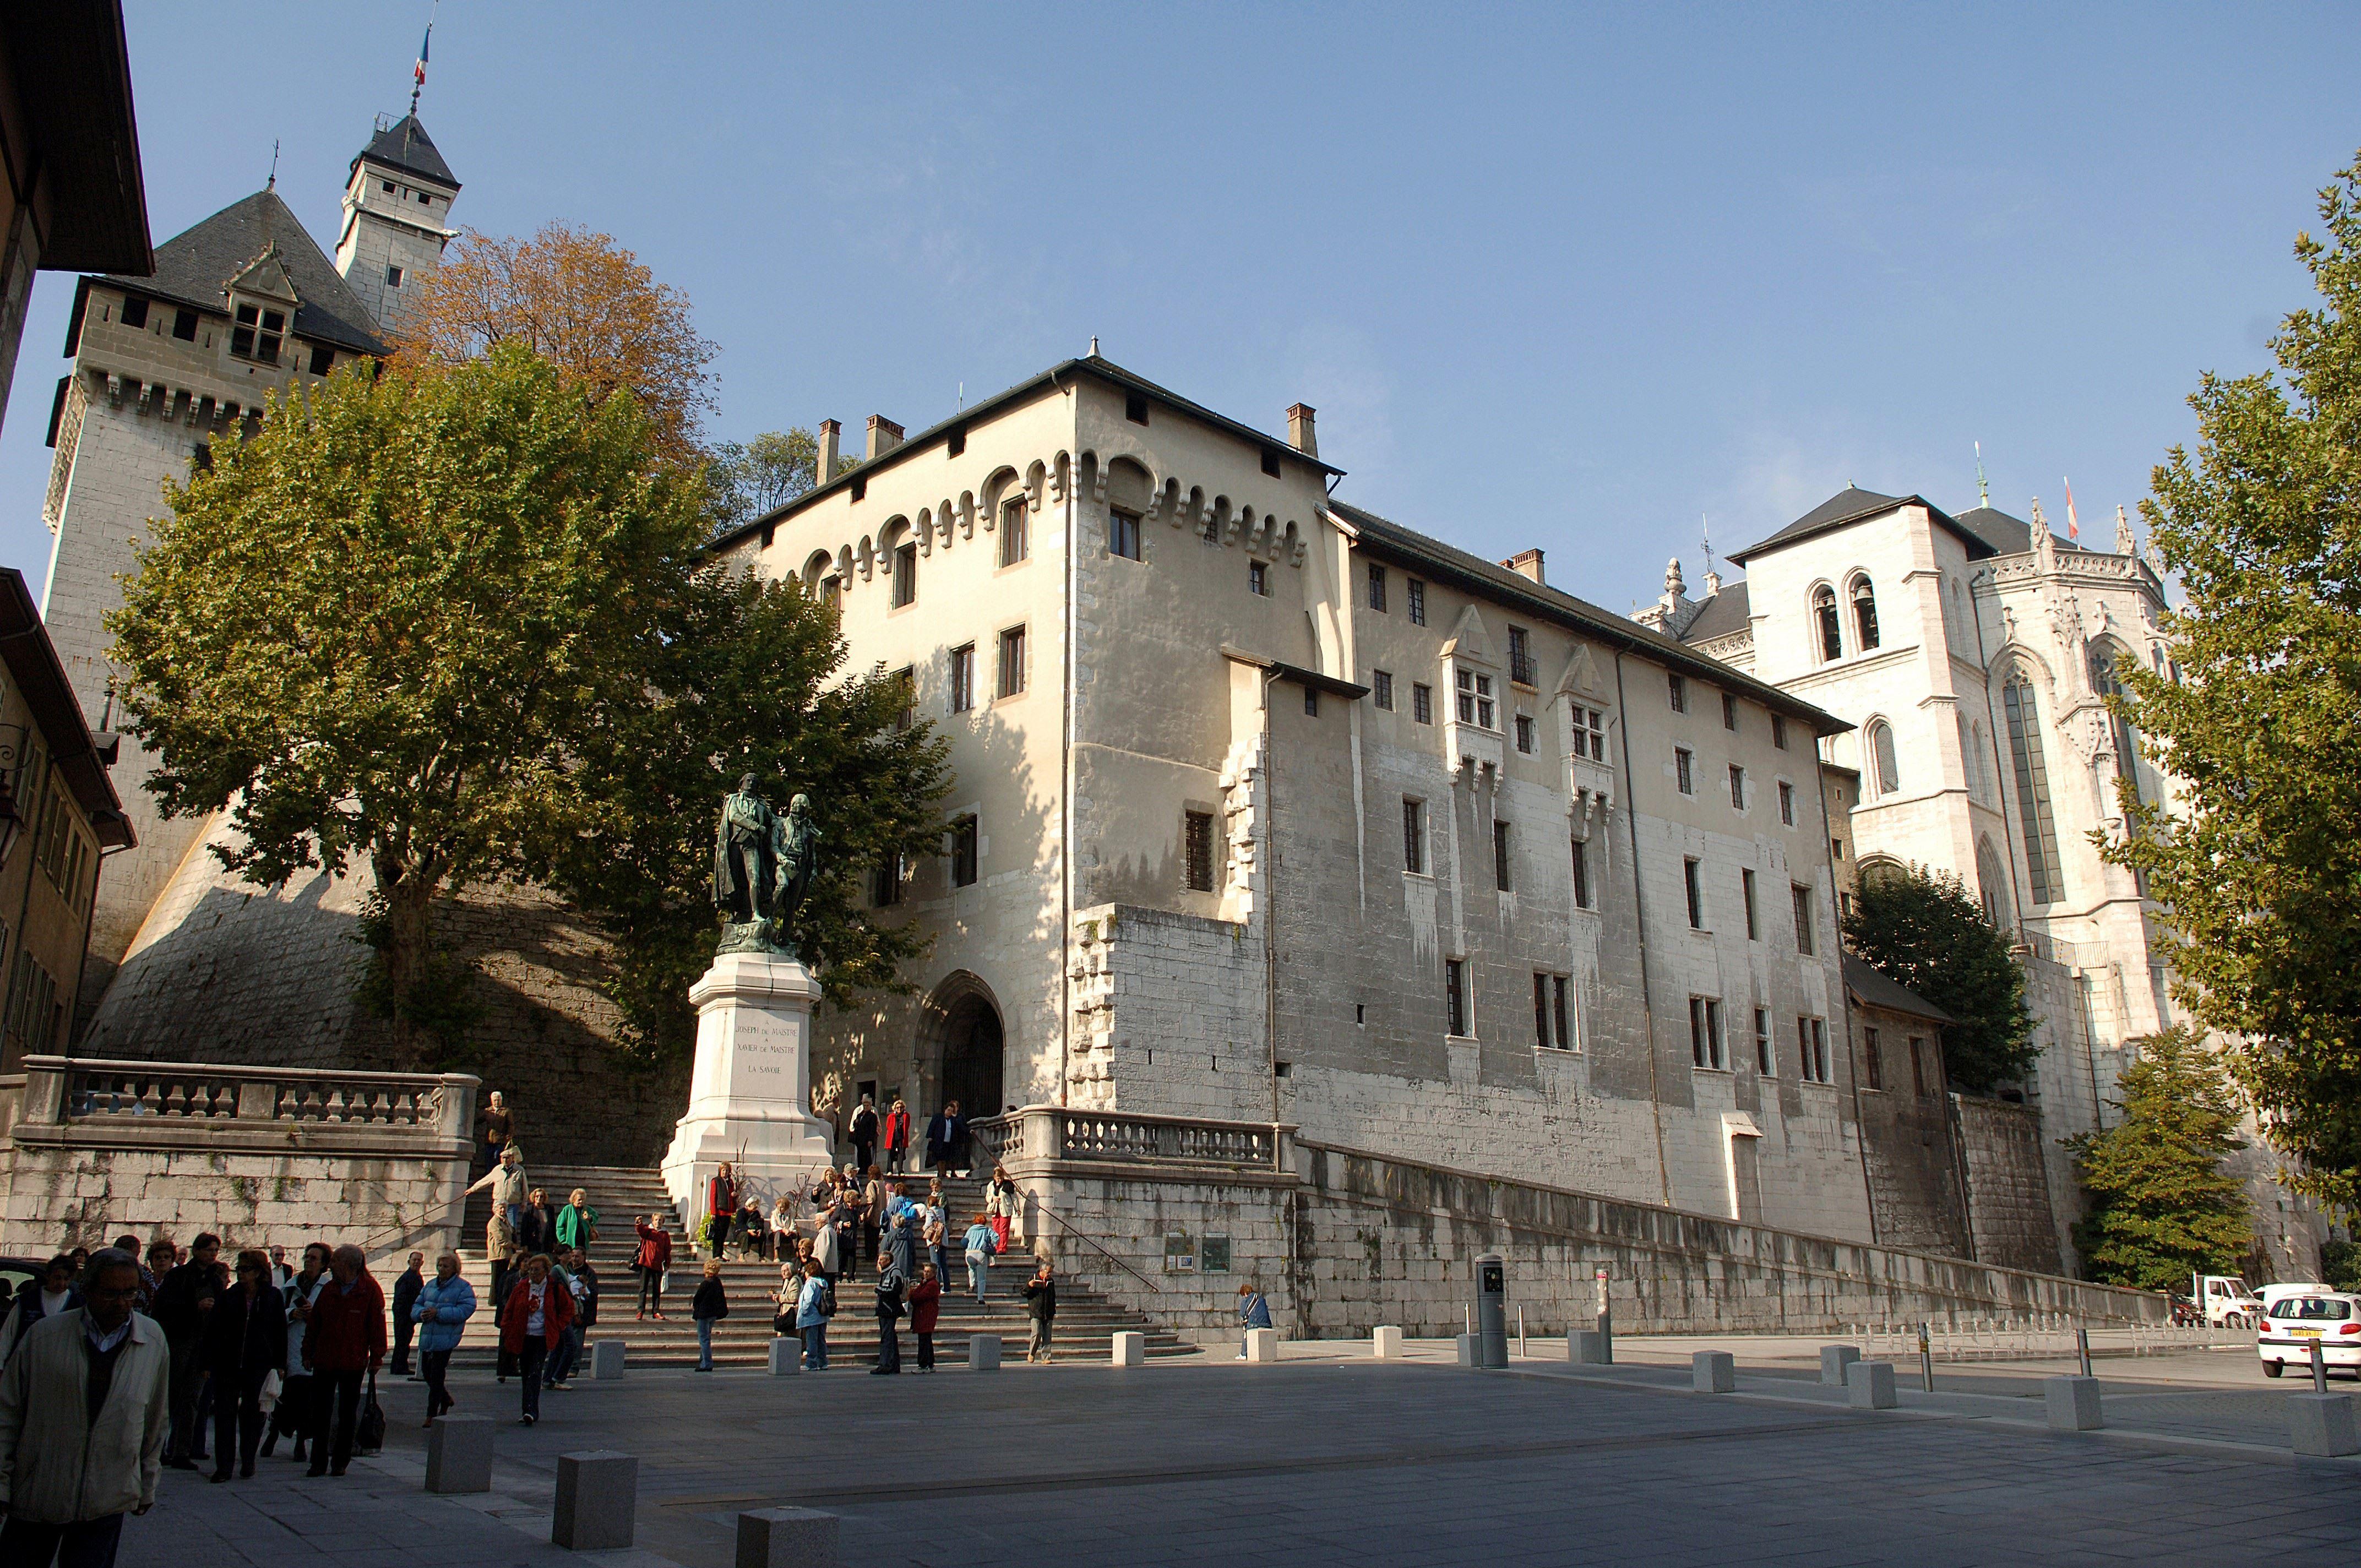 Un château, une ville, des histoires - Visite guidée